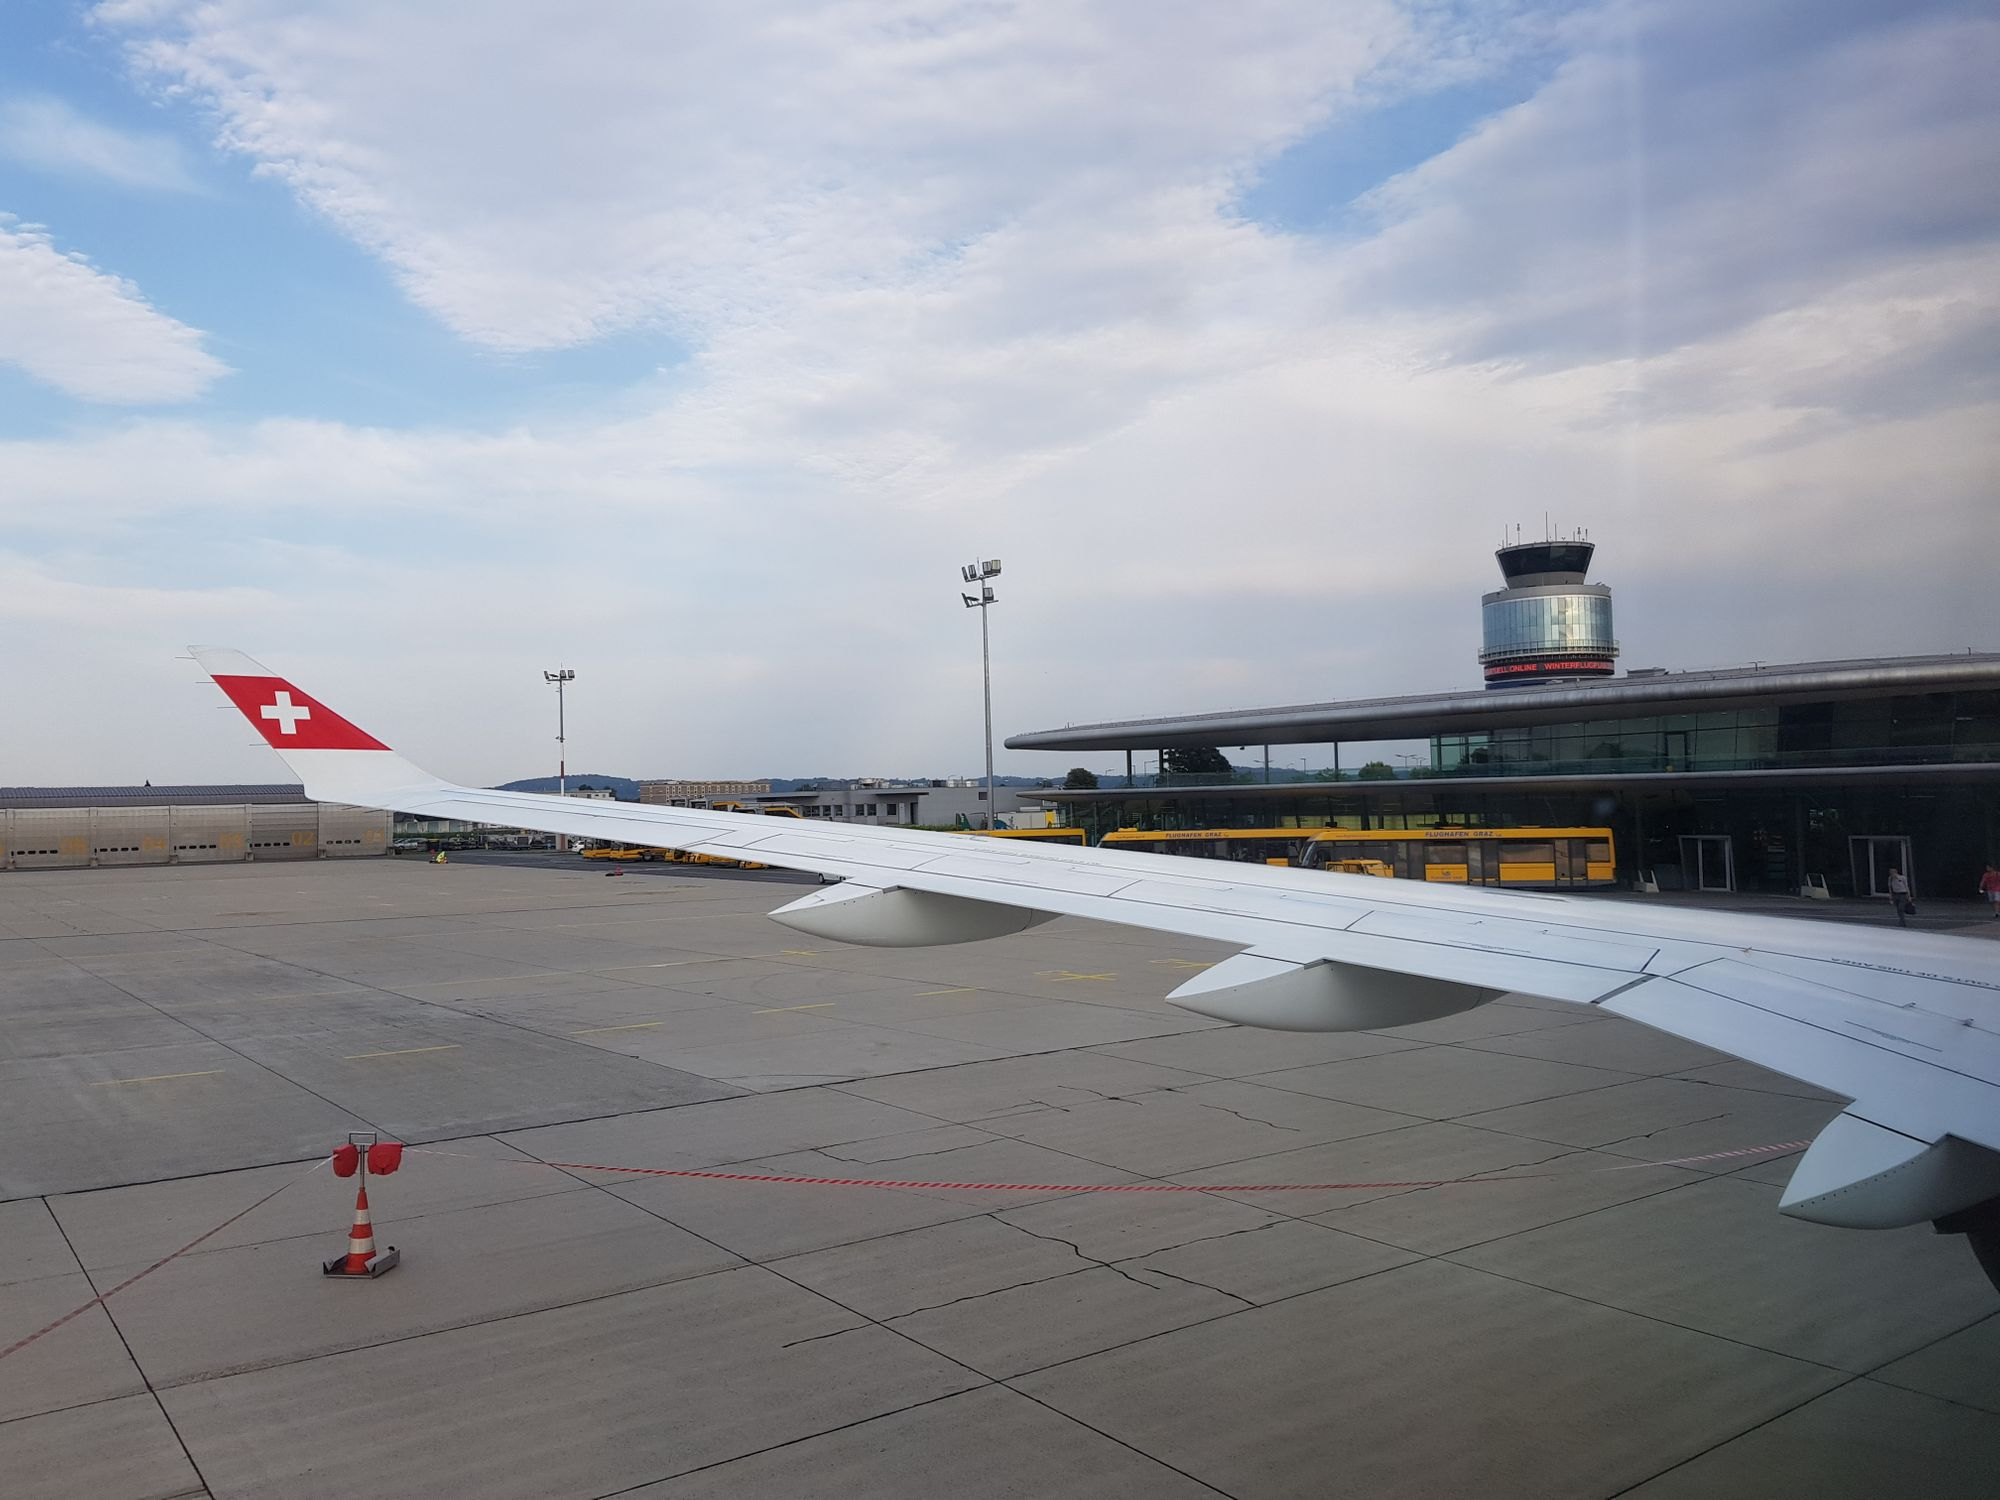 Blick Richtung Flughafen und Tower, aus dem Flieger über den Flügel.